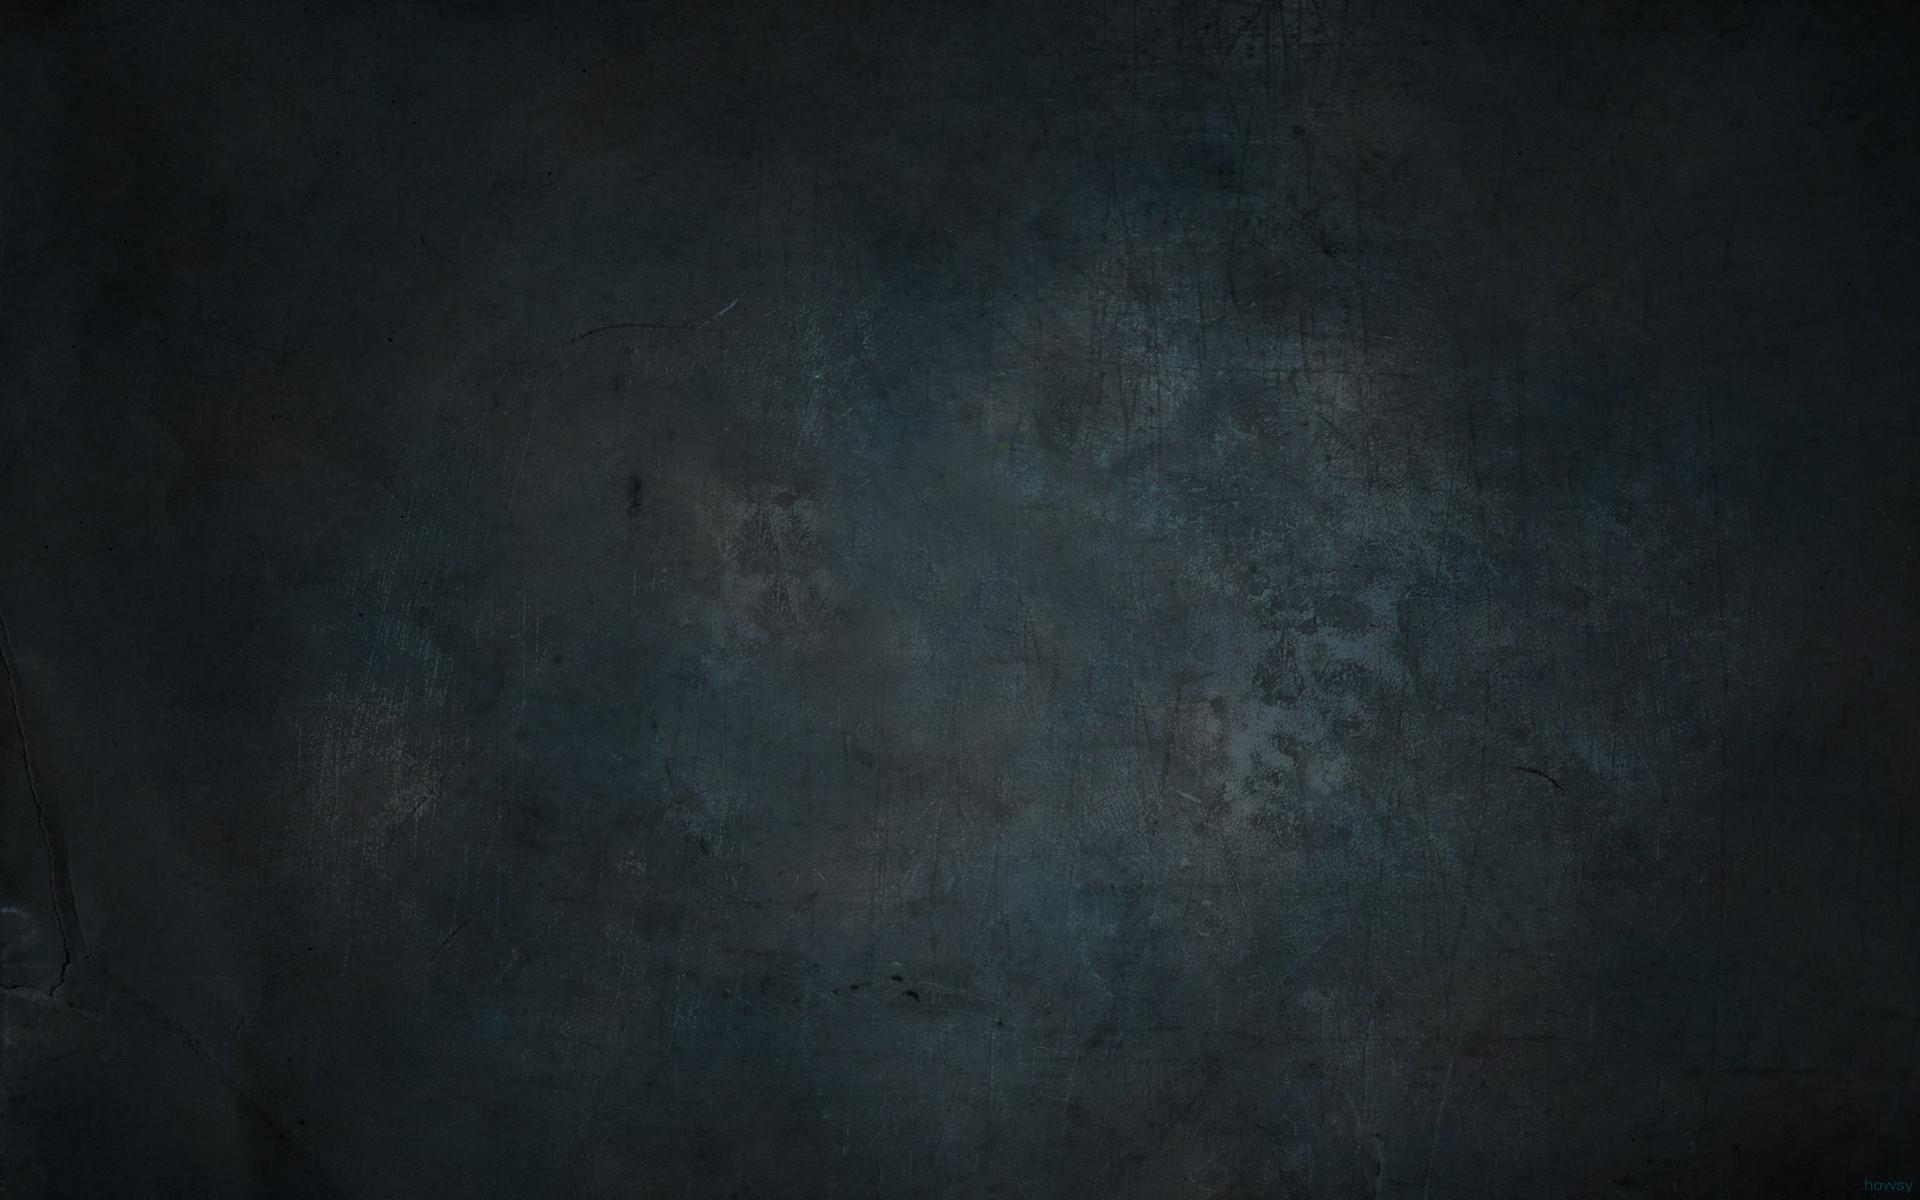 wallpaper textures metal metallic images 1920x1200 1920x1200